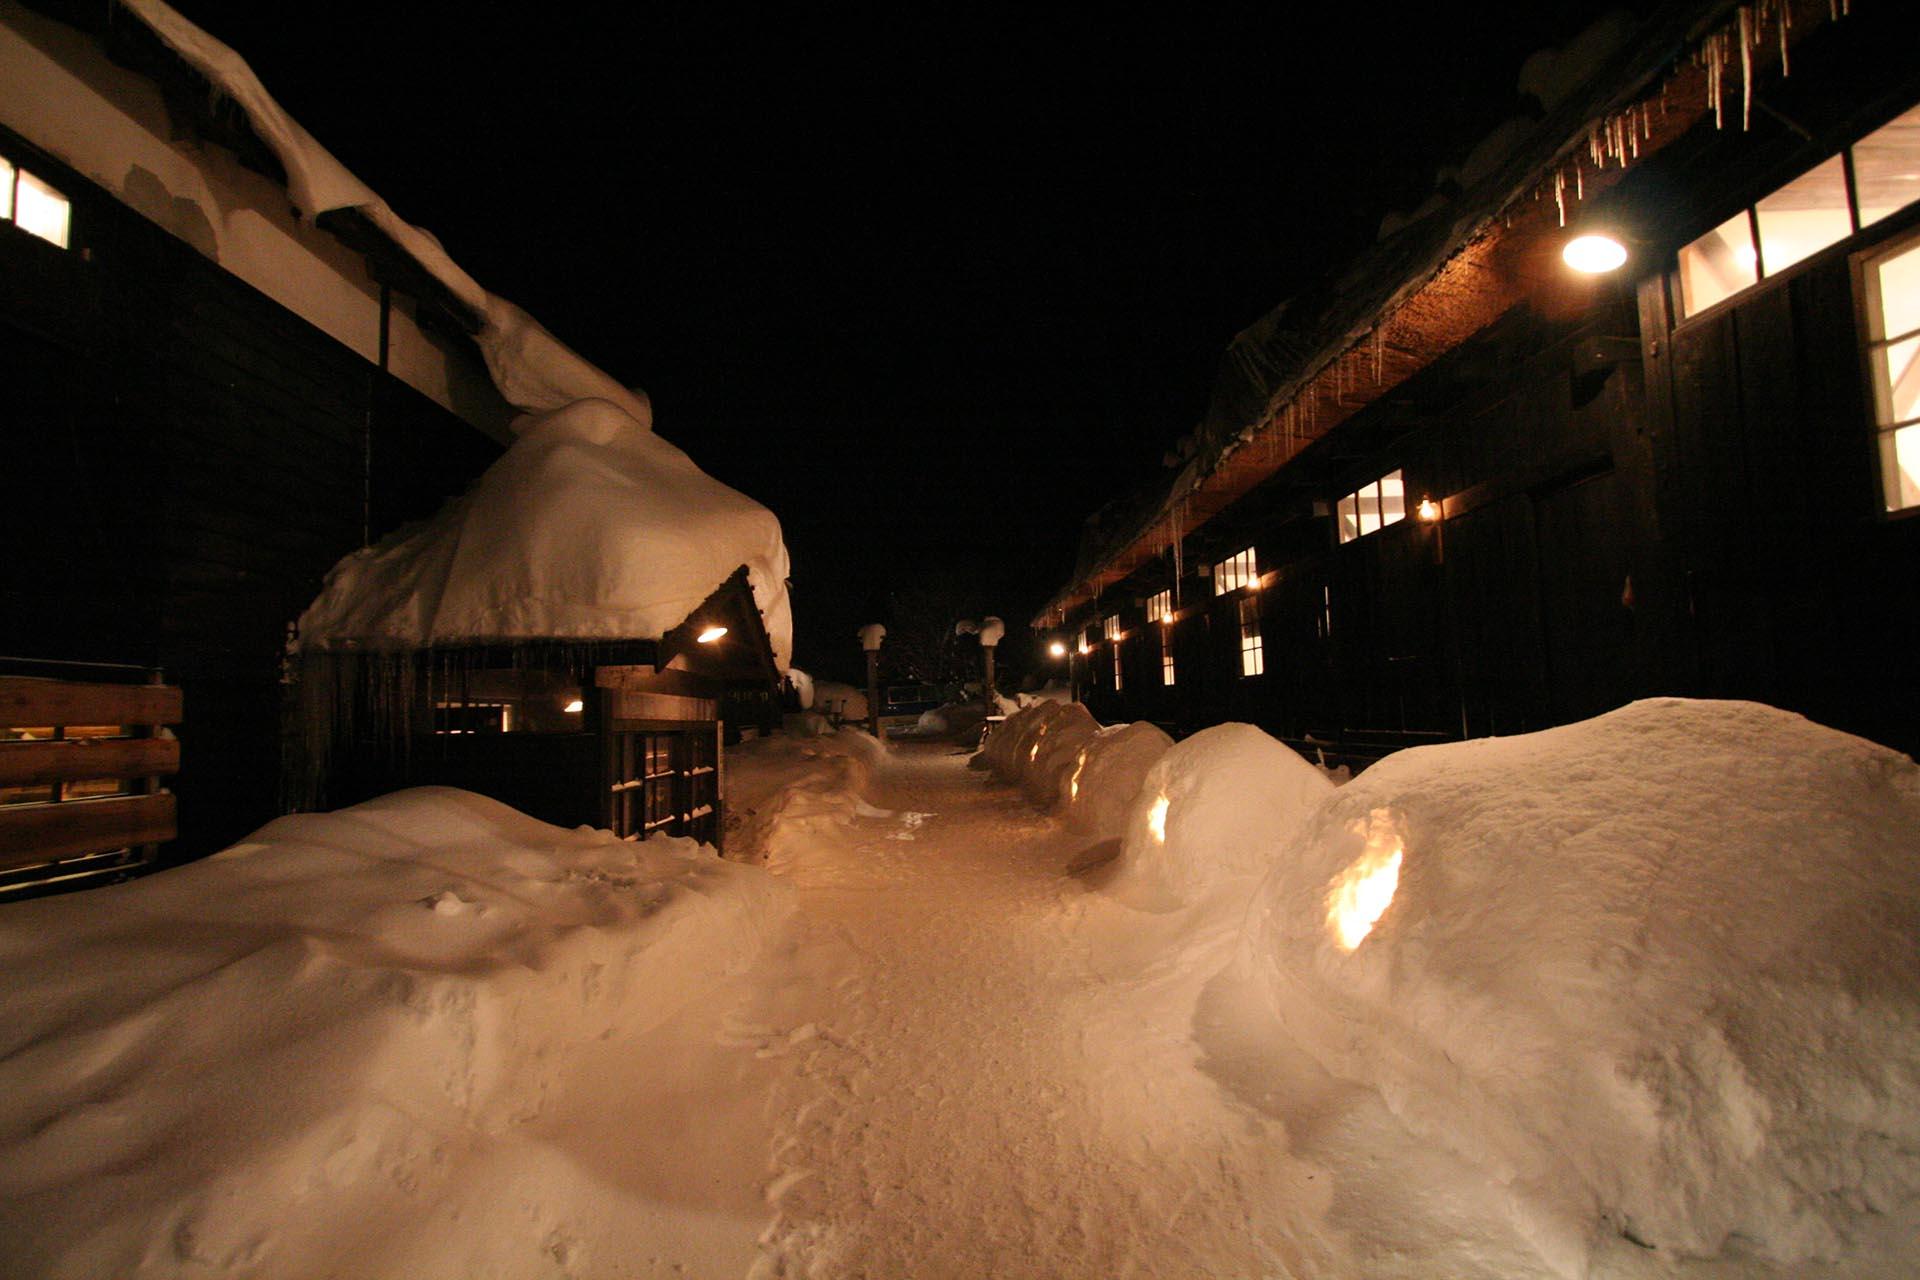 冬の夜の乳頭温泉 秋田の風景